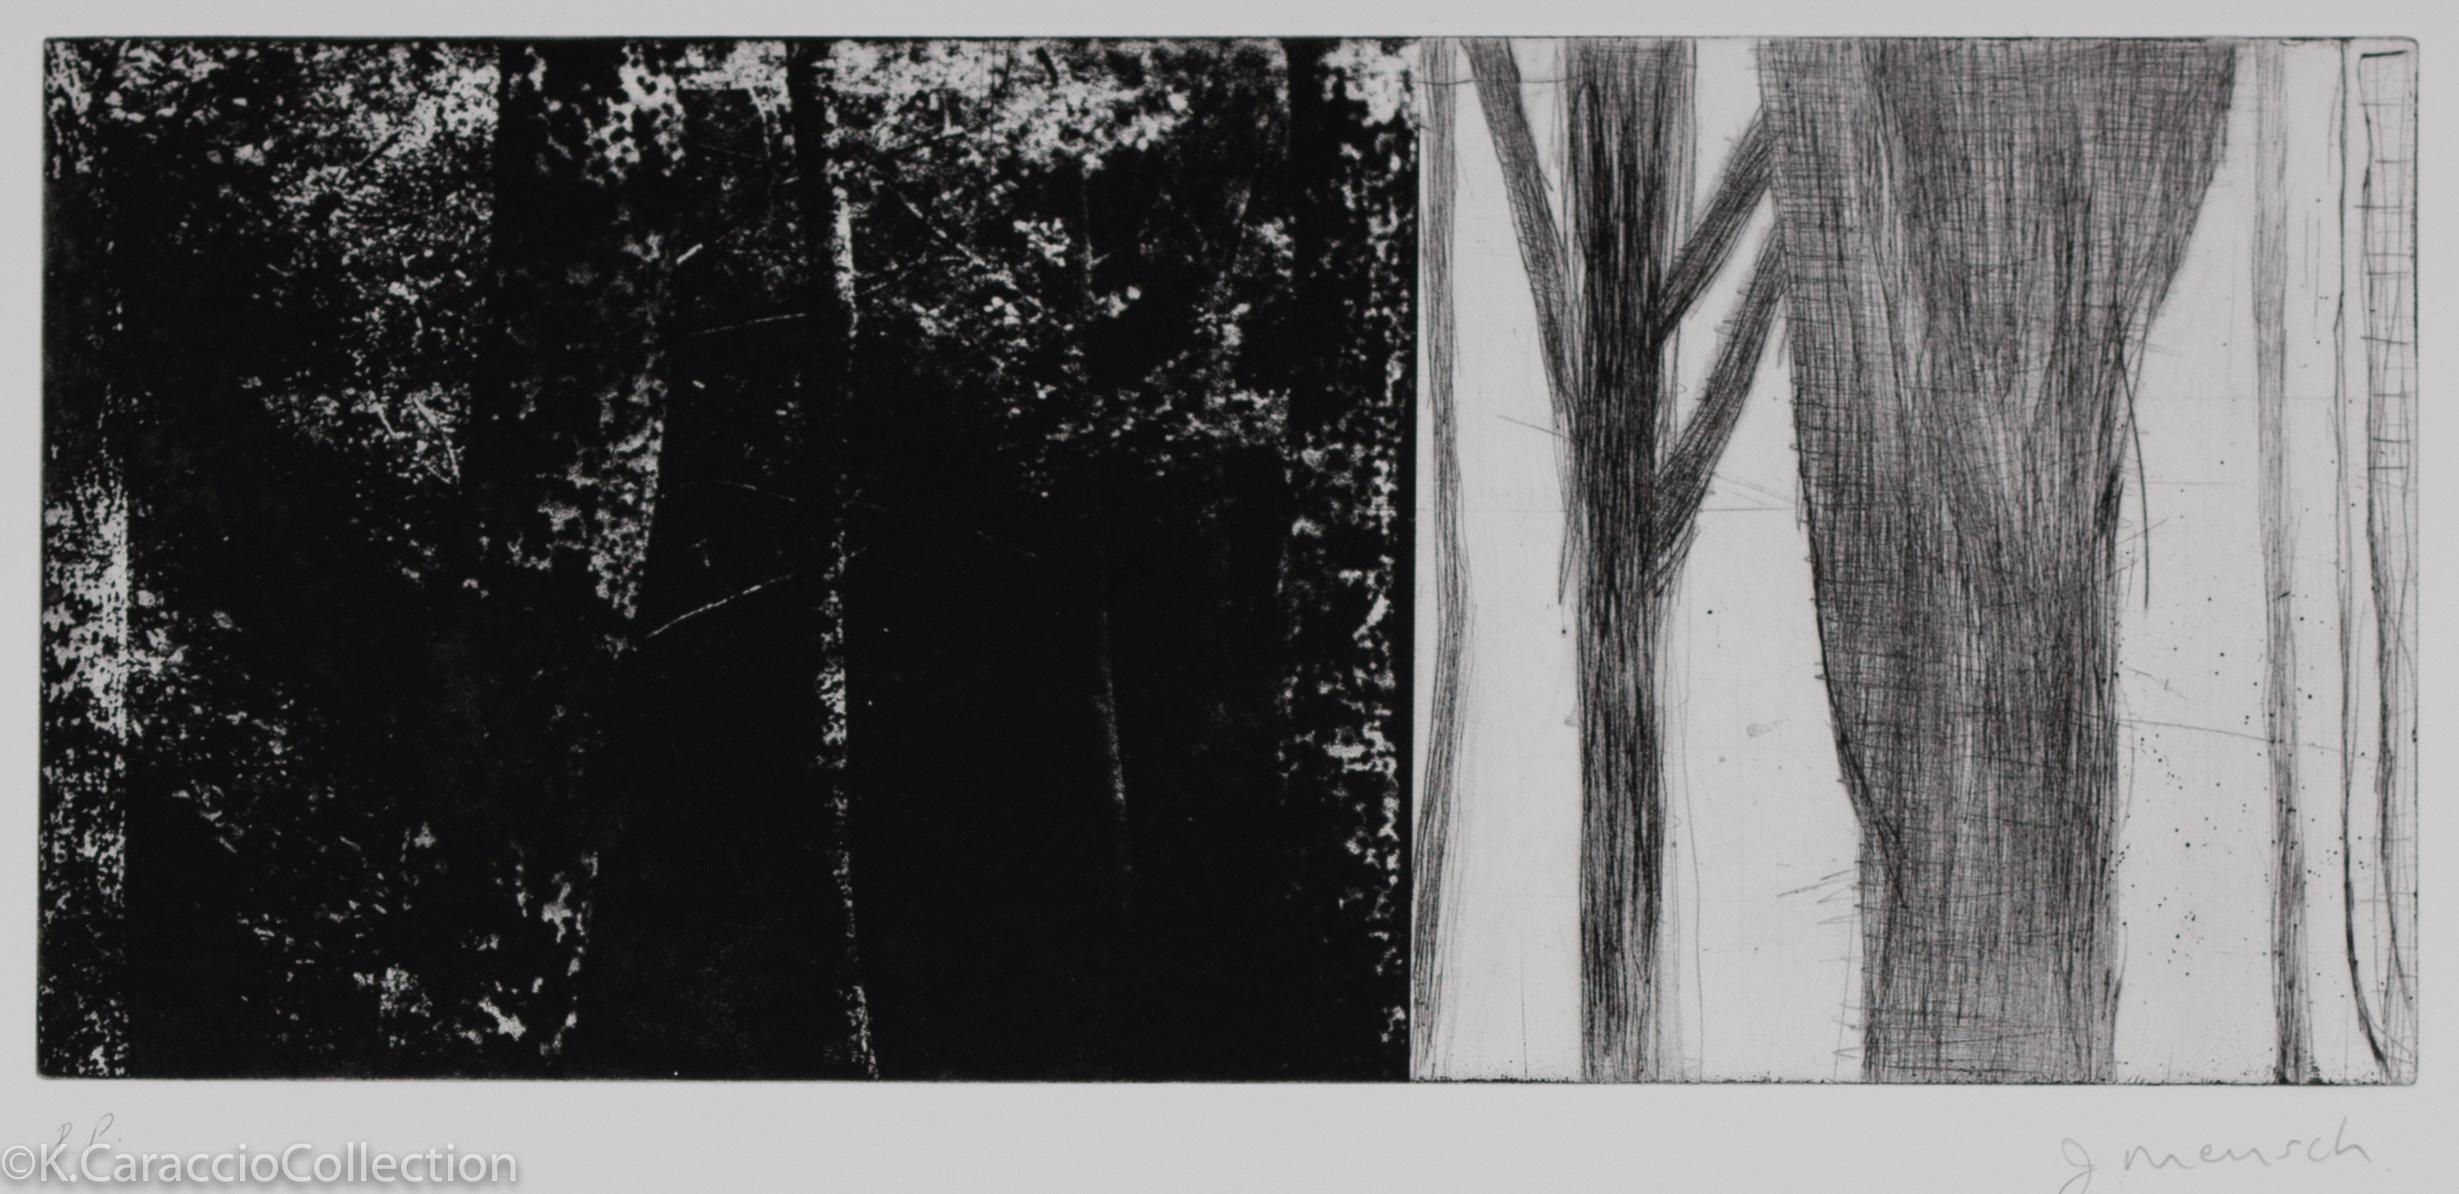 Italian Forest II, 2010